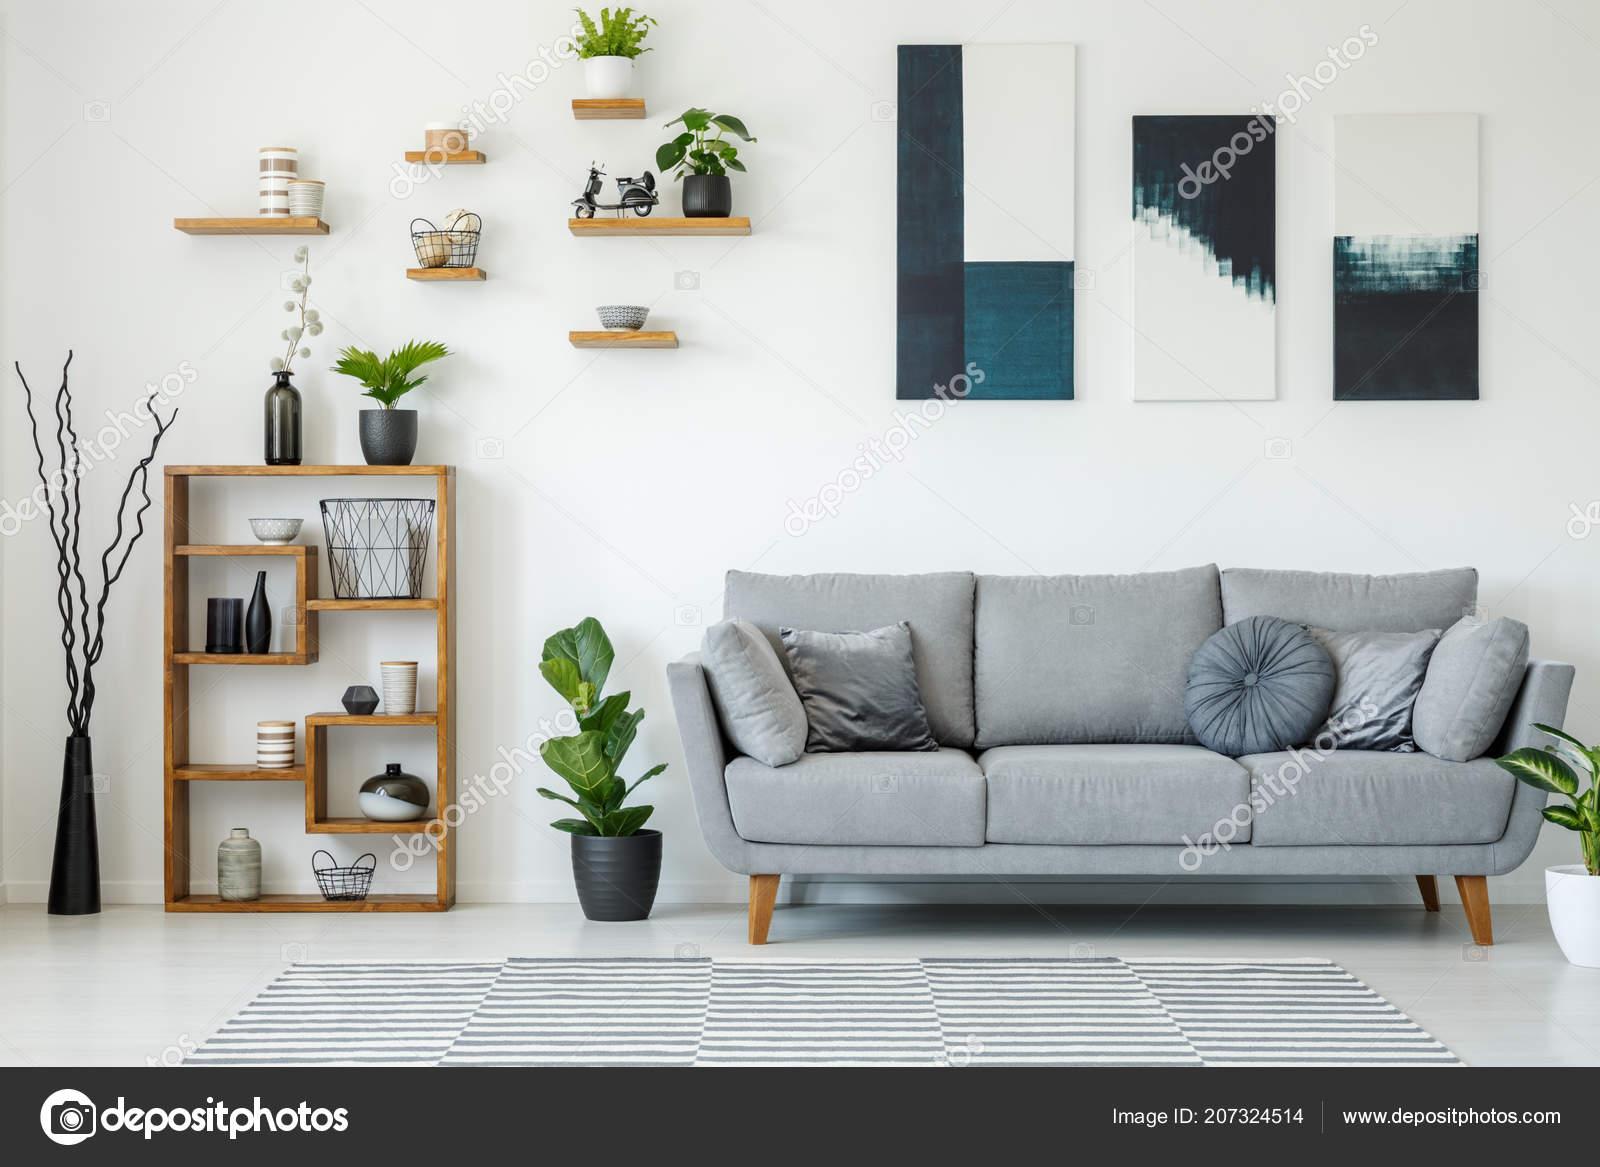 Planten In Woonkamer : Geef je tuin meer sfeer met planten woonkamer inspiratie